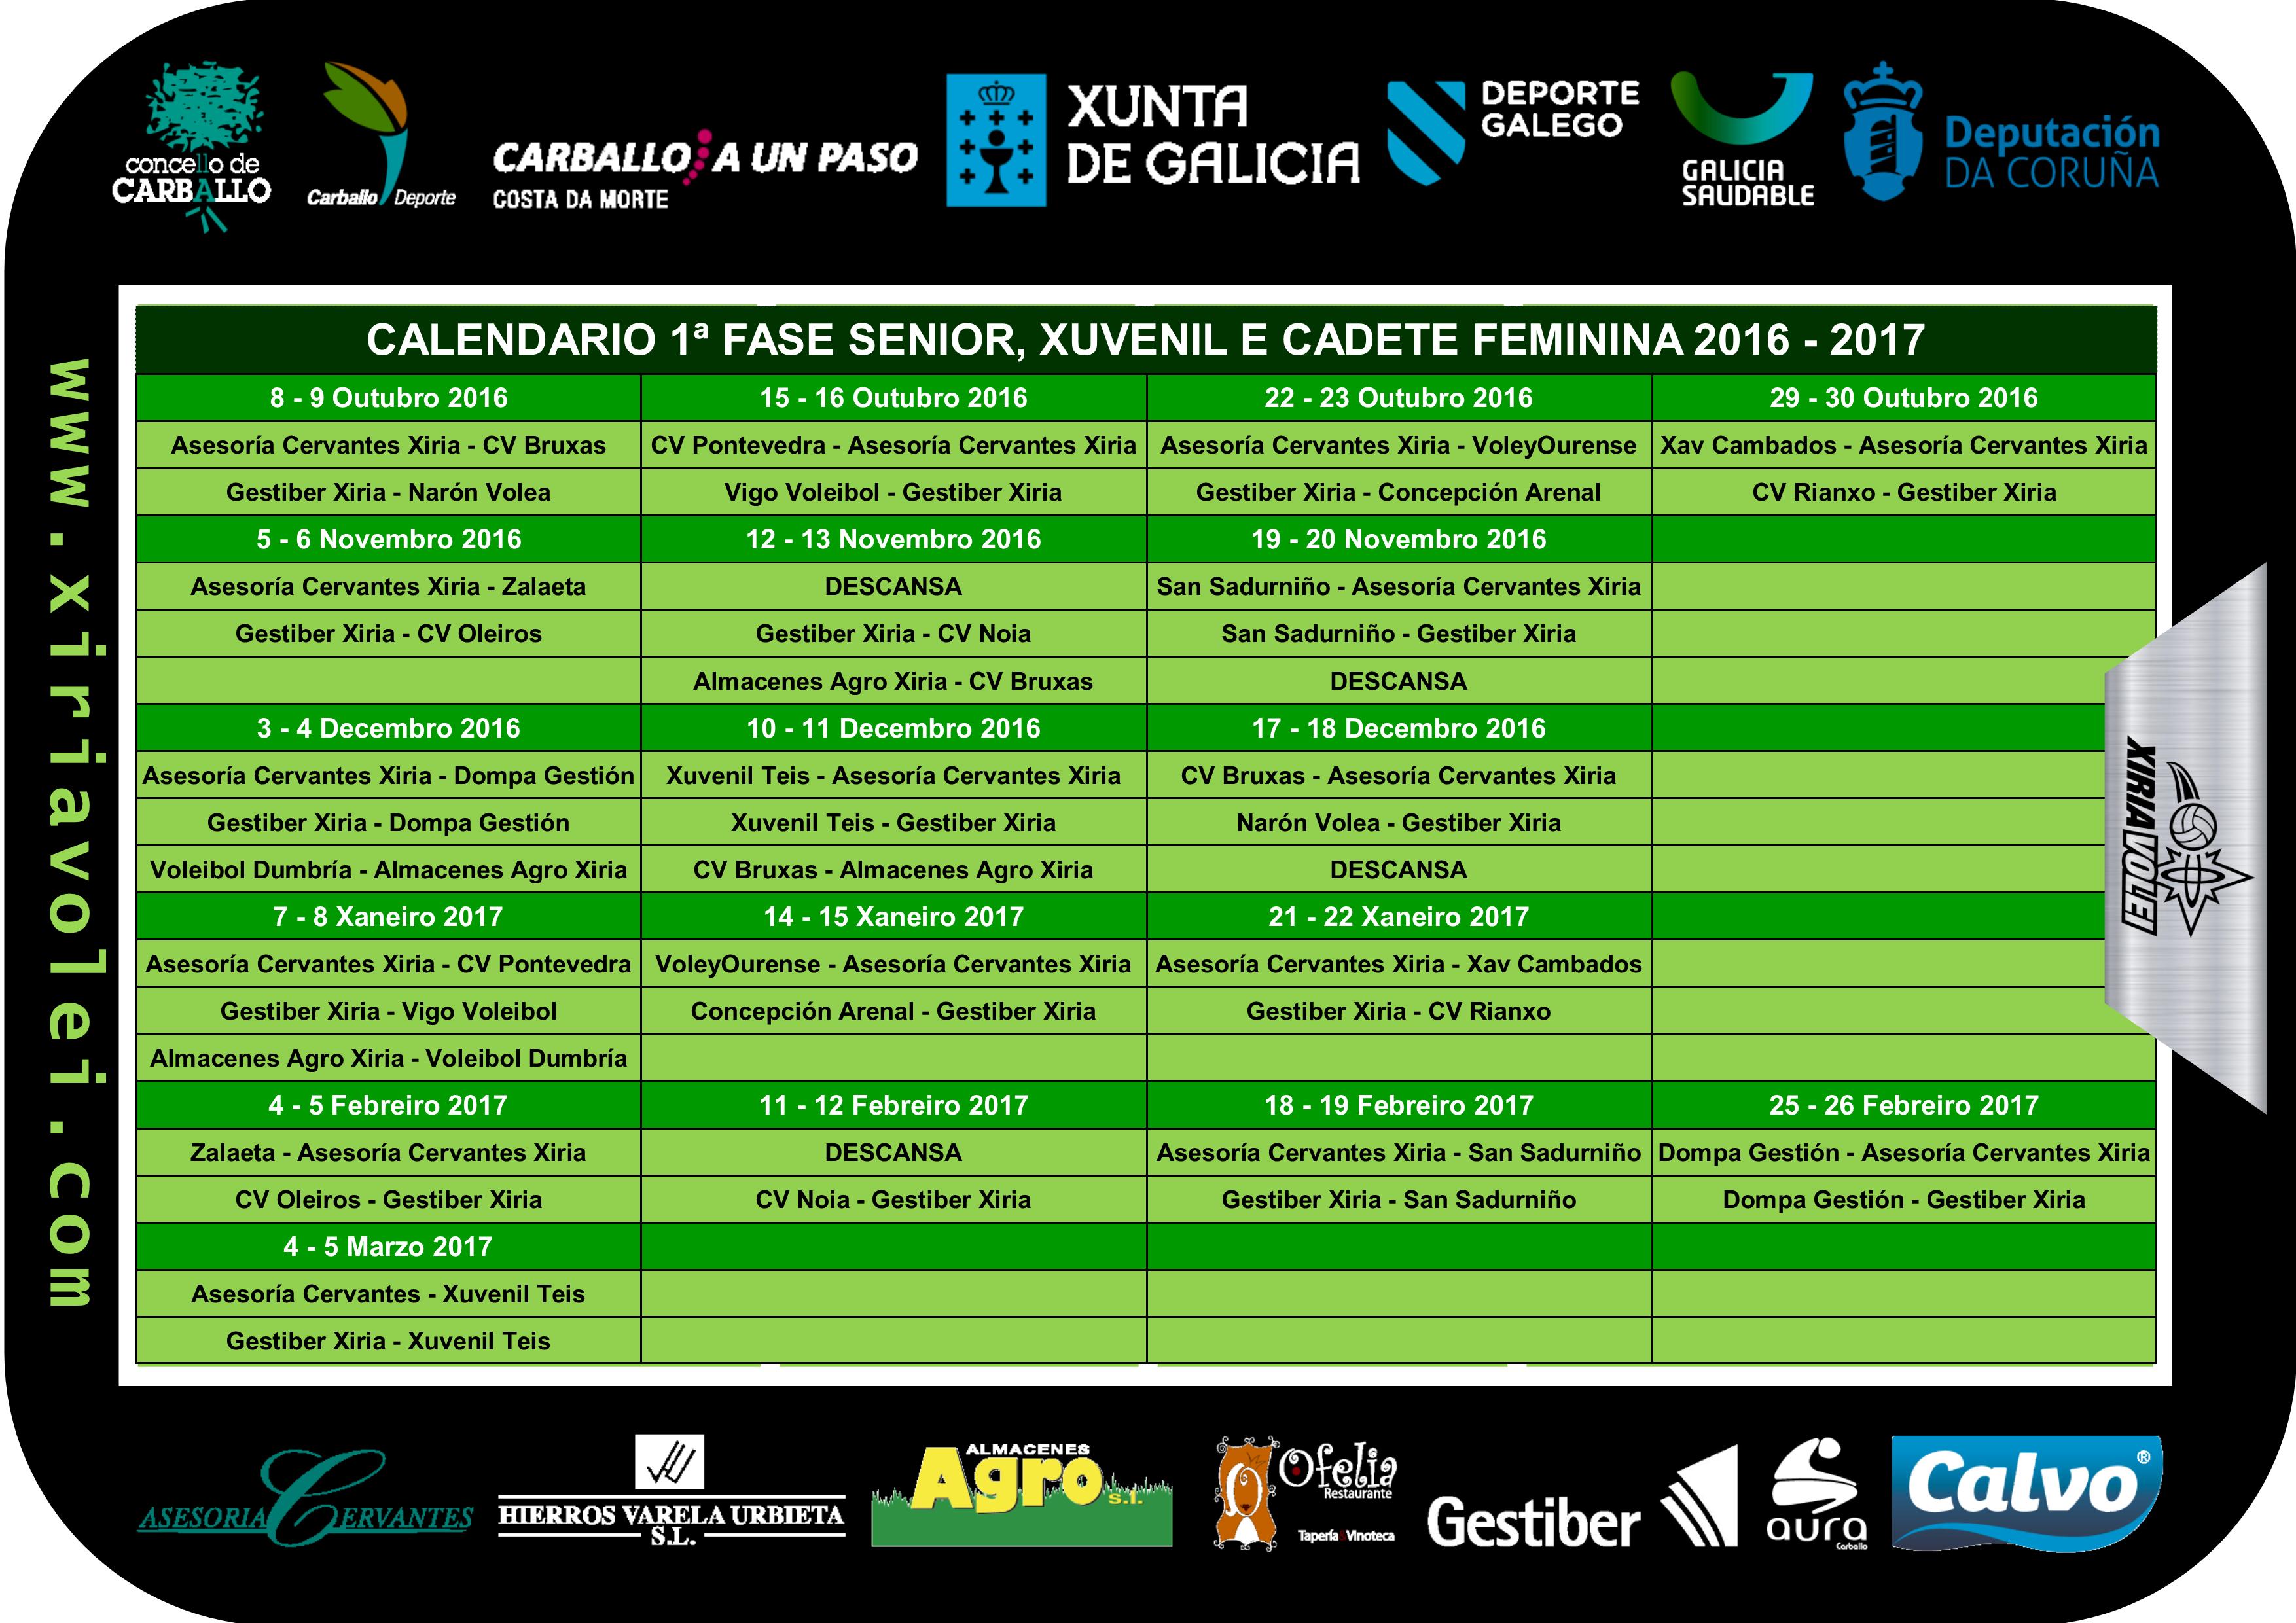 clipboard-calendario-senior-xuvenil-cadete